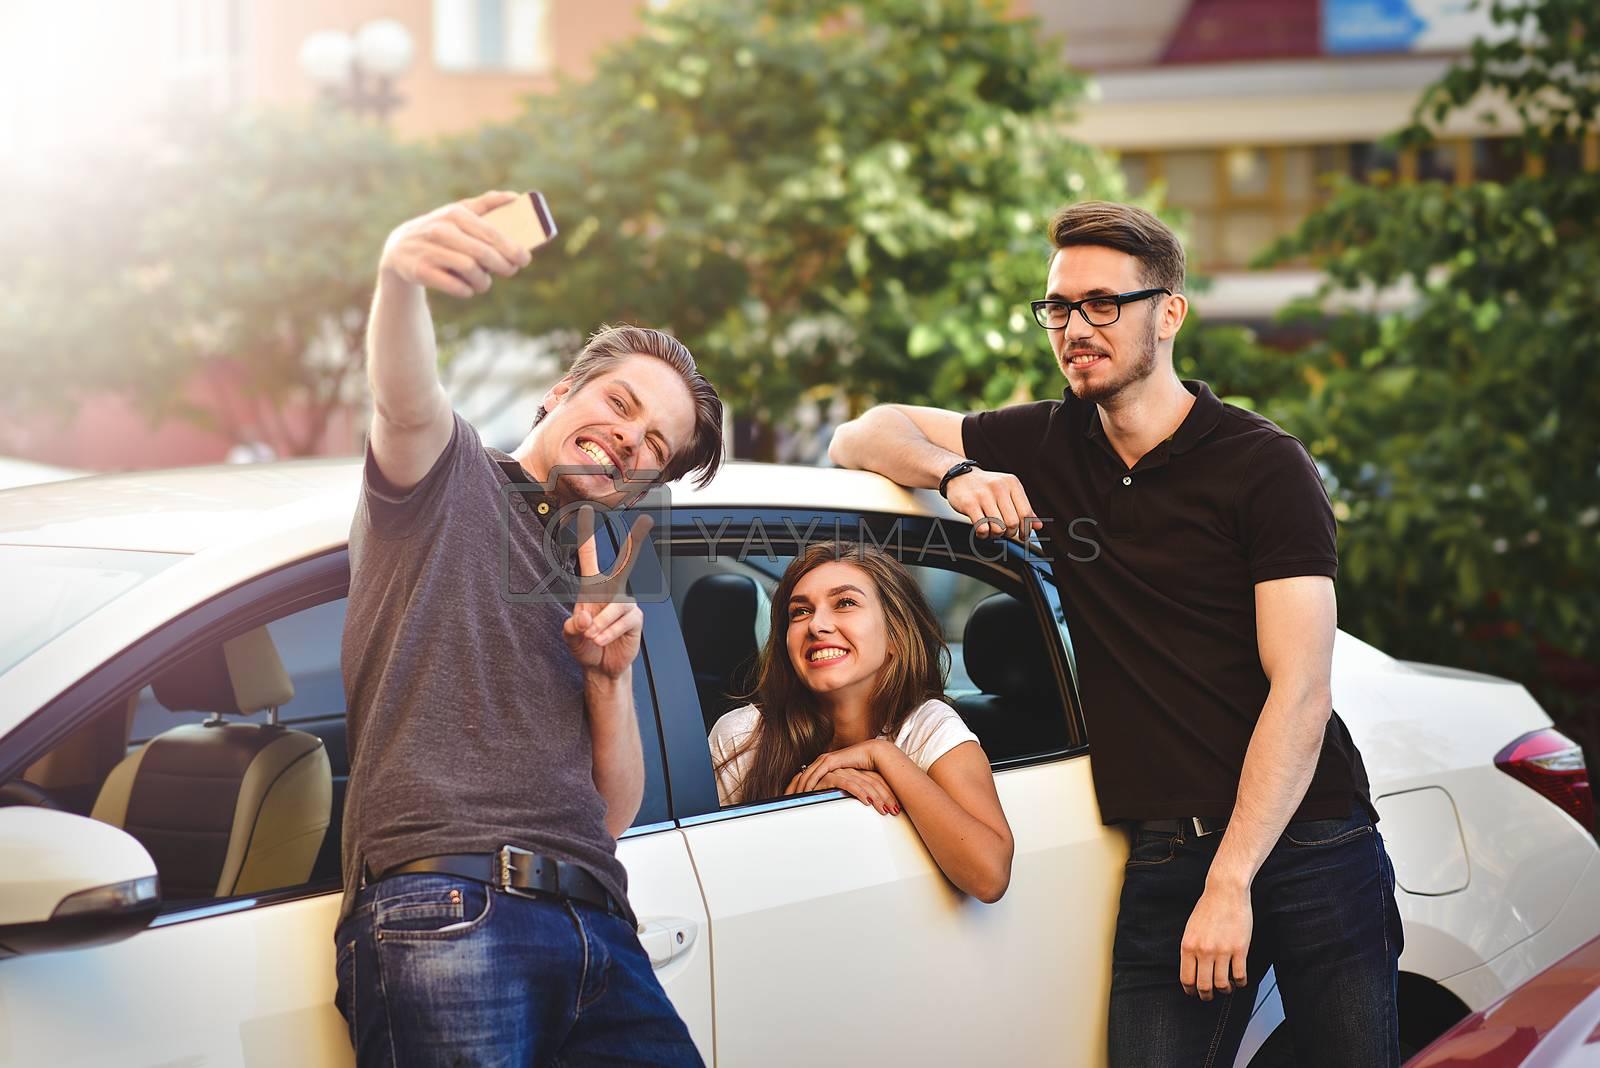 Three friends having fun taking a conversation near the car